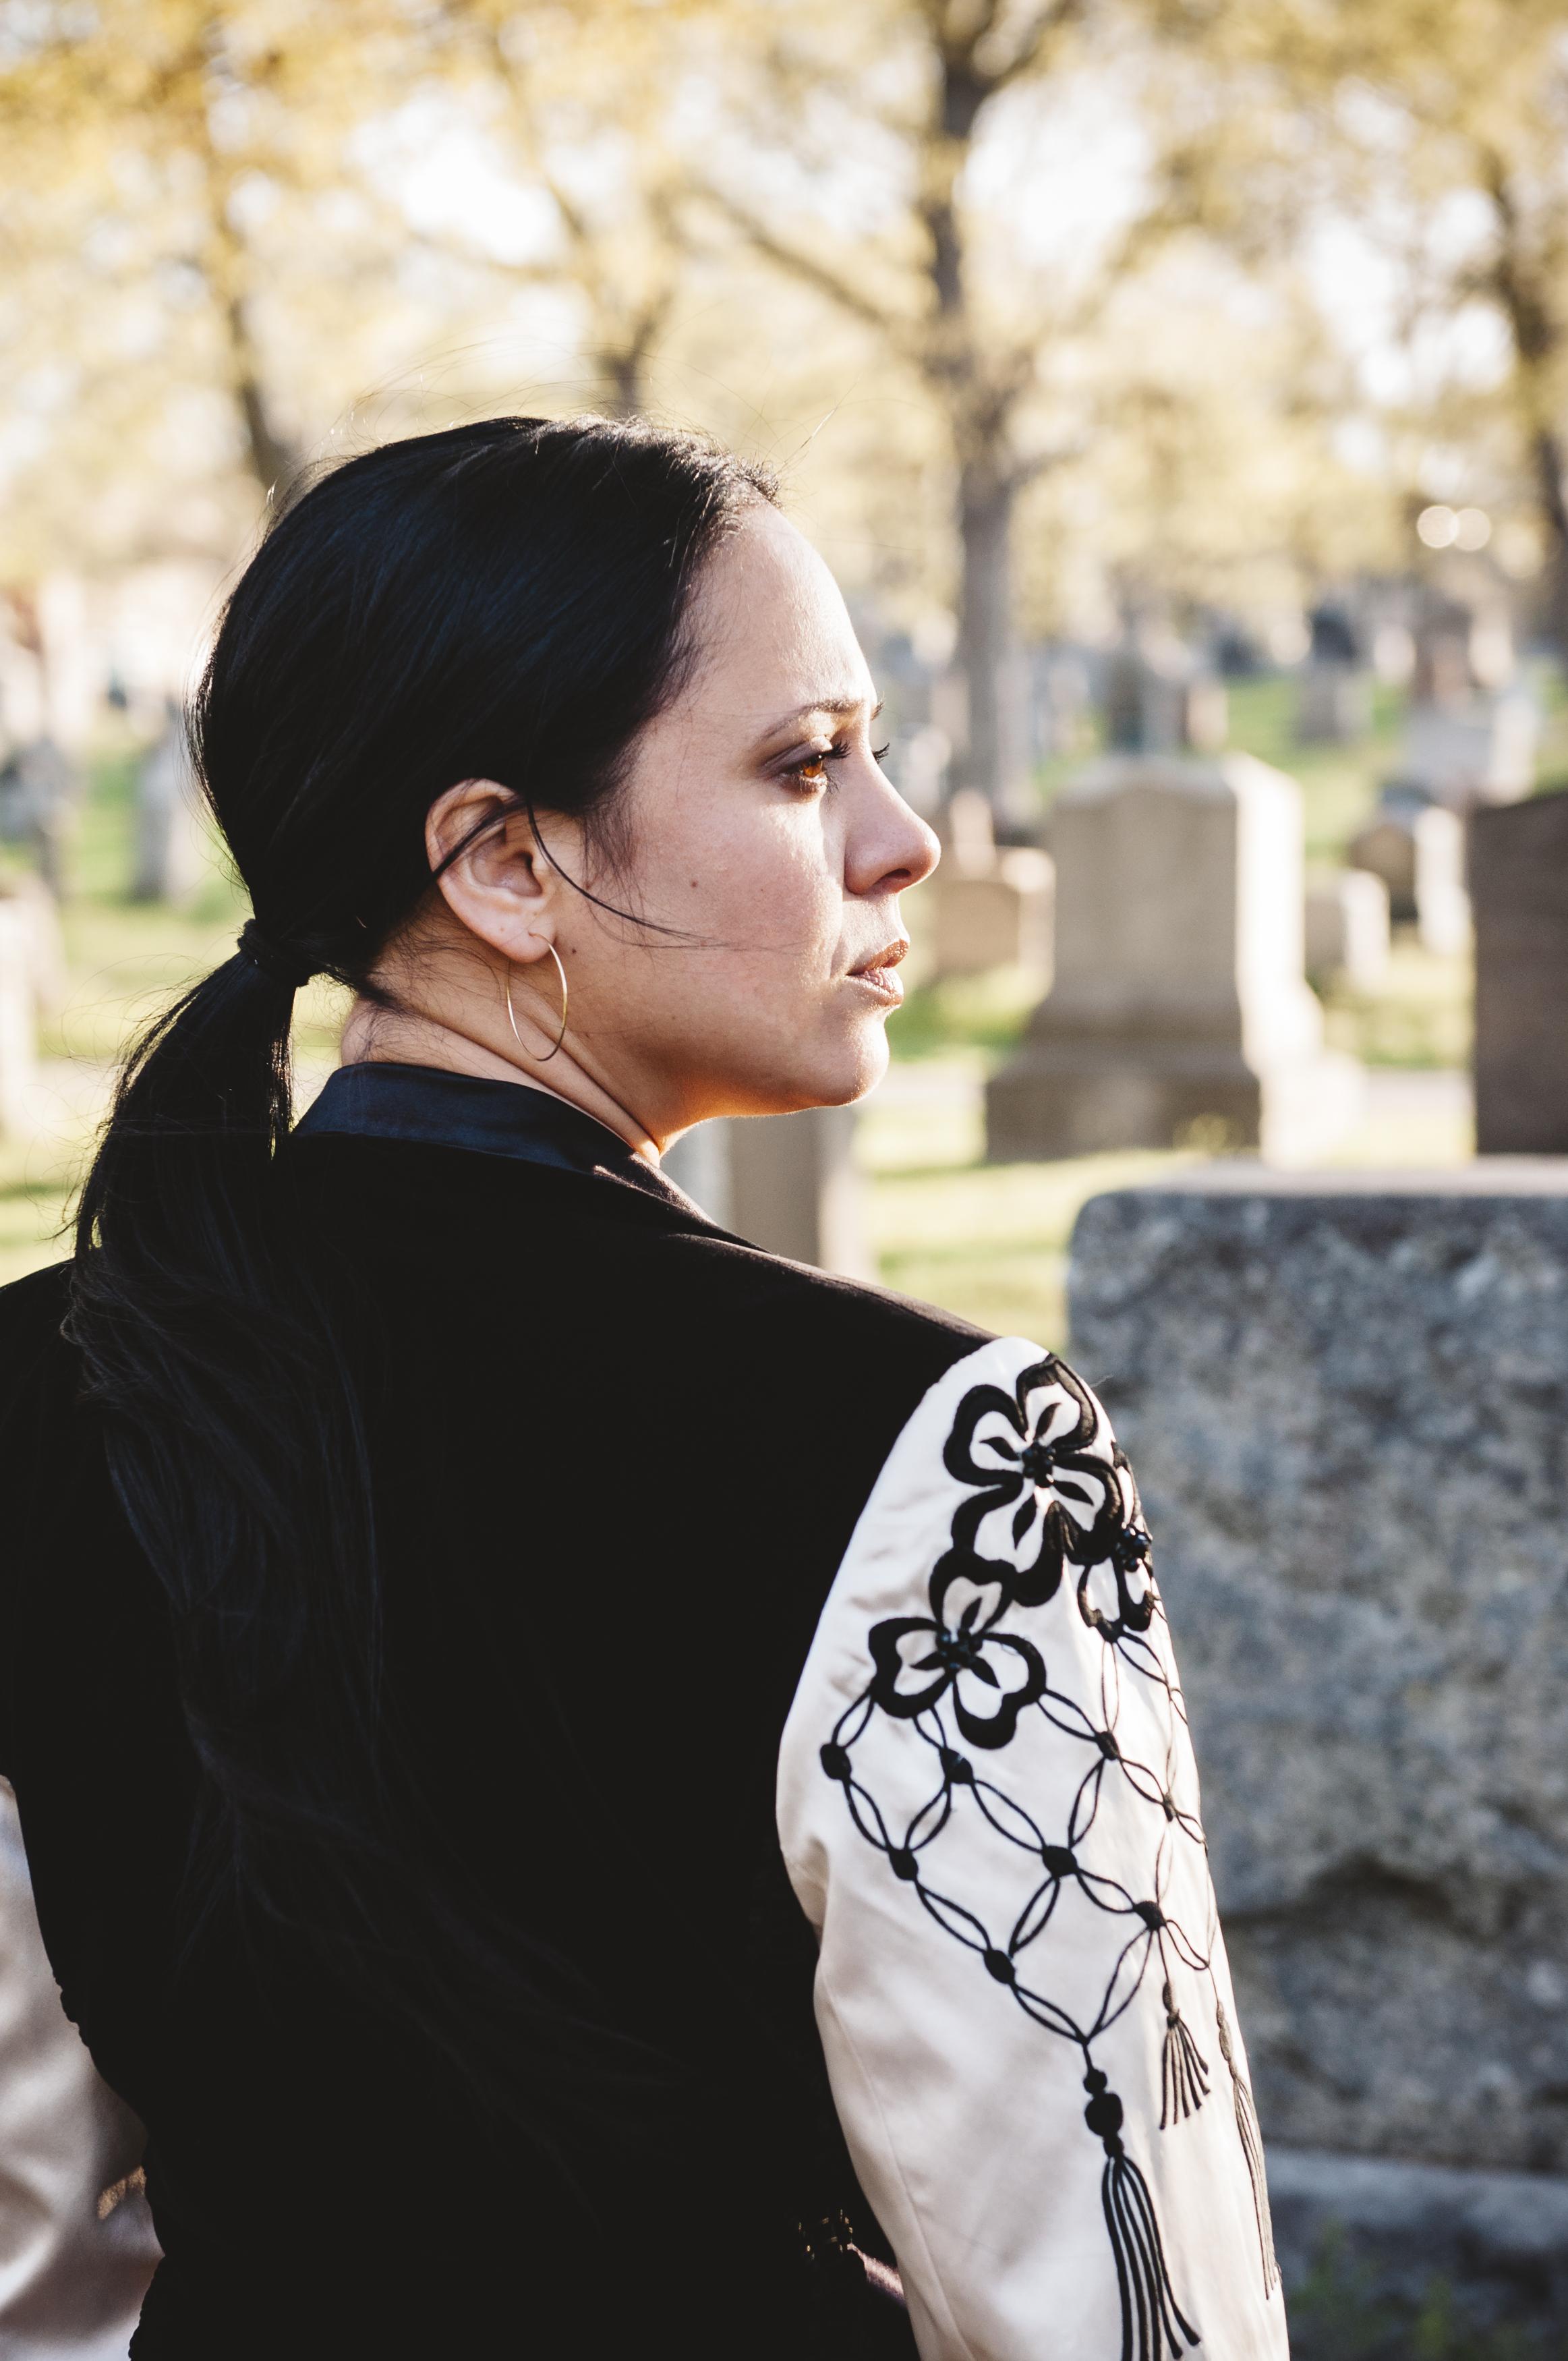 160501_Su_Cemetery_©hedouble2016_009.jpg